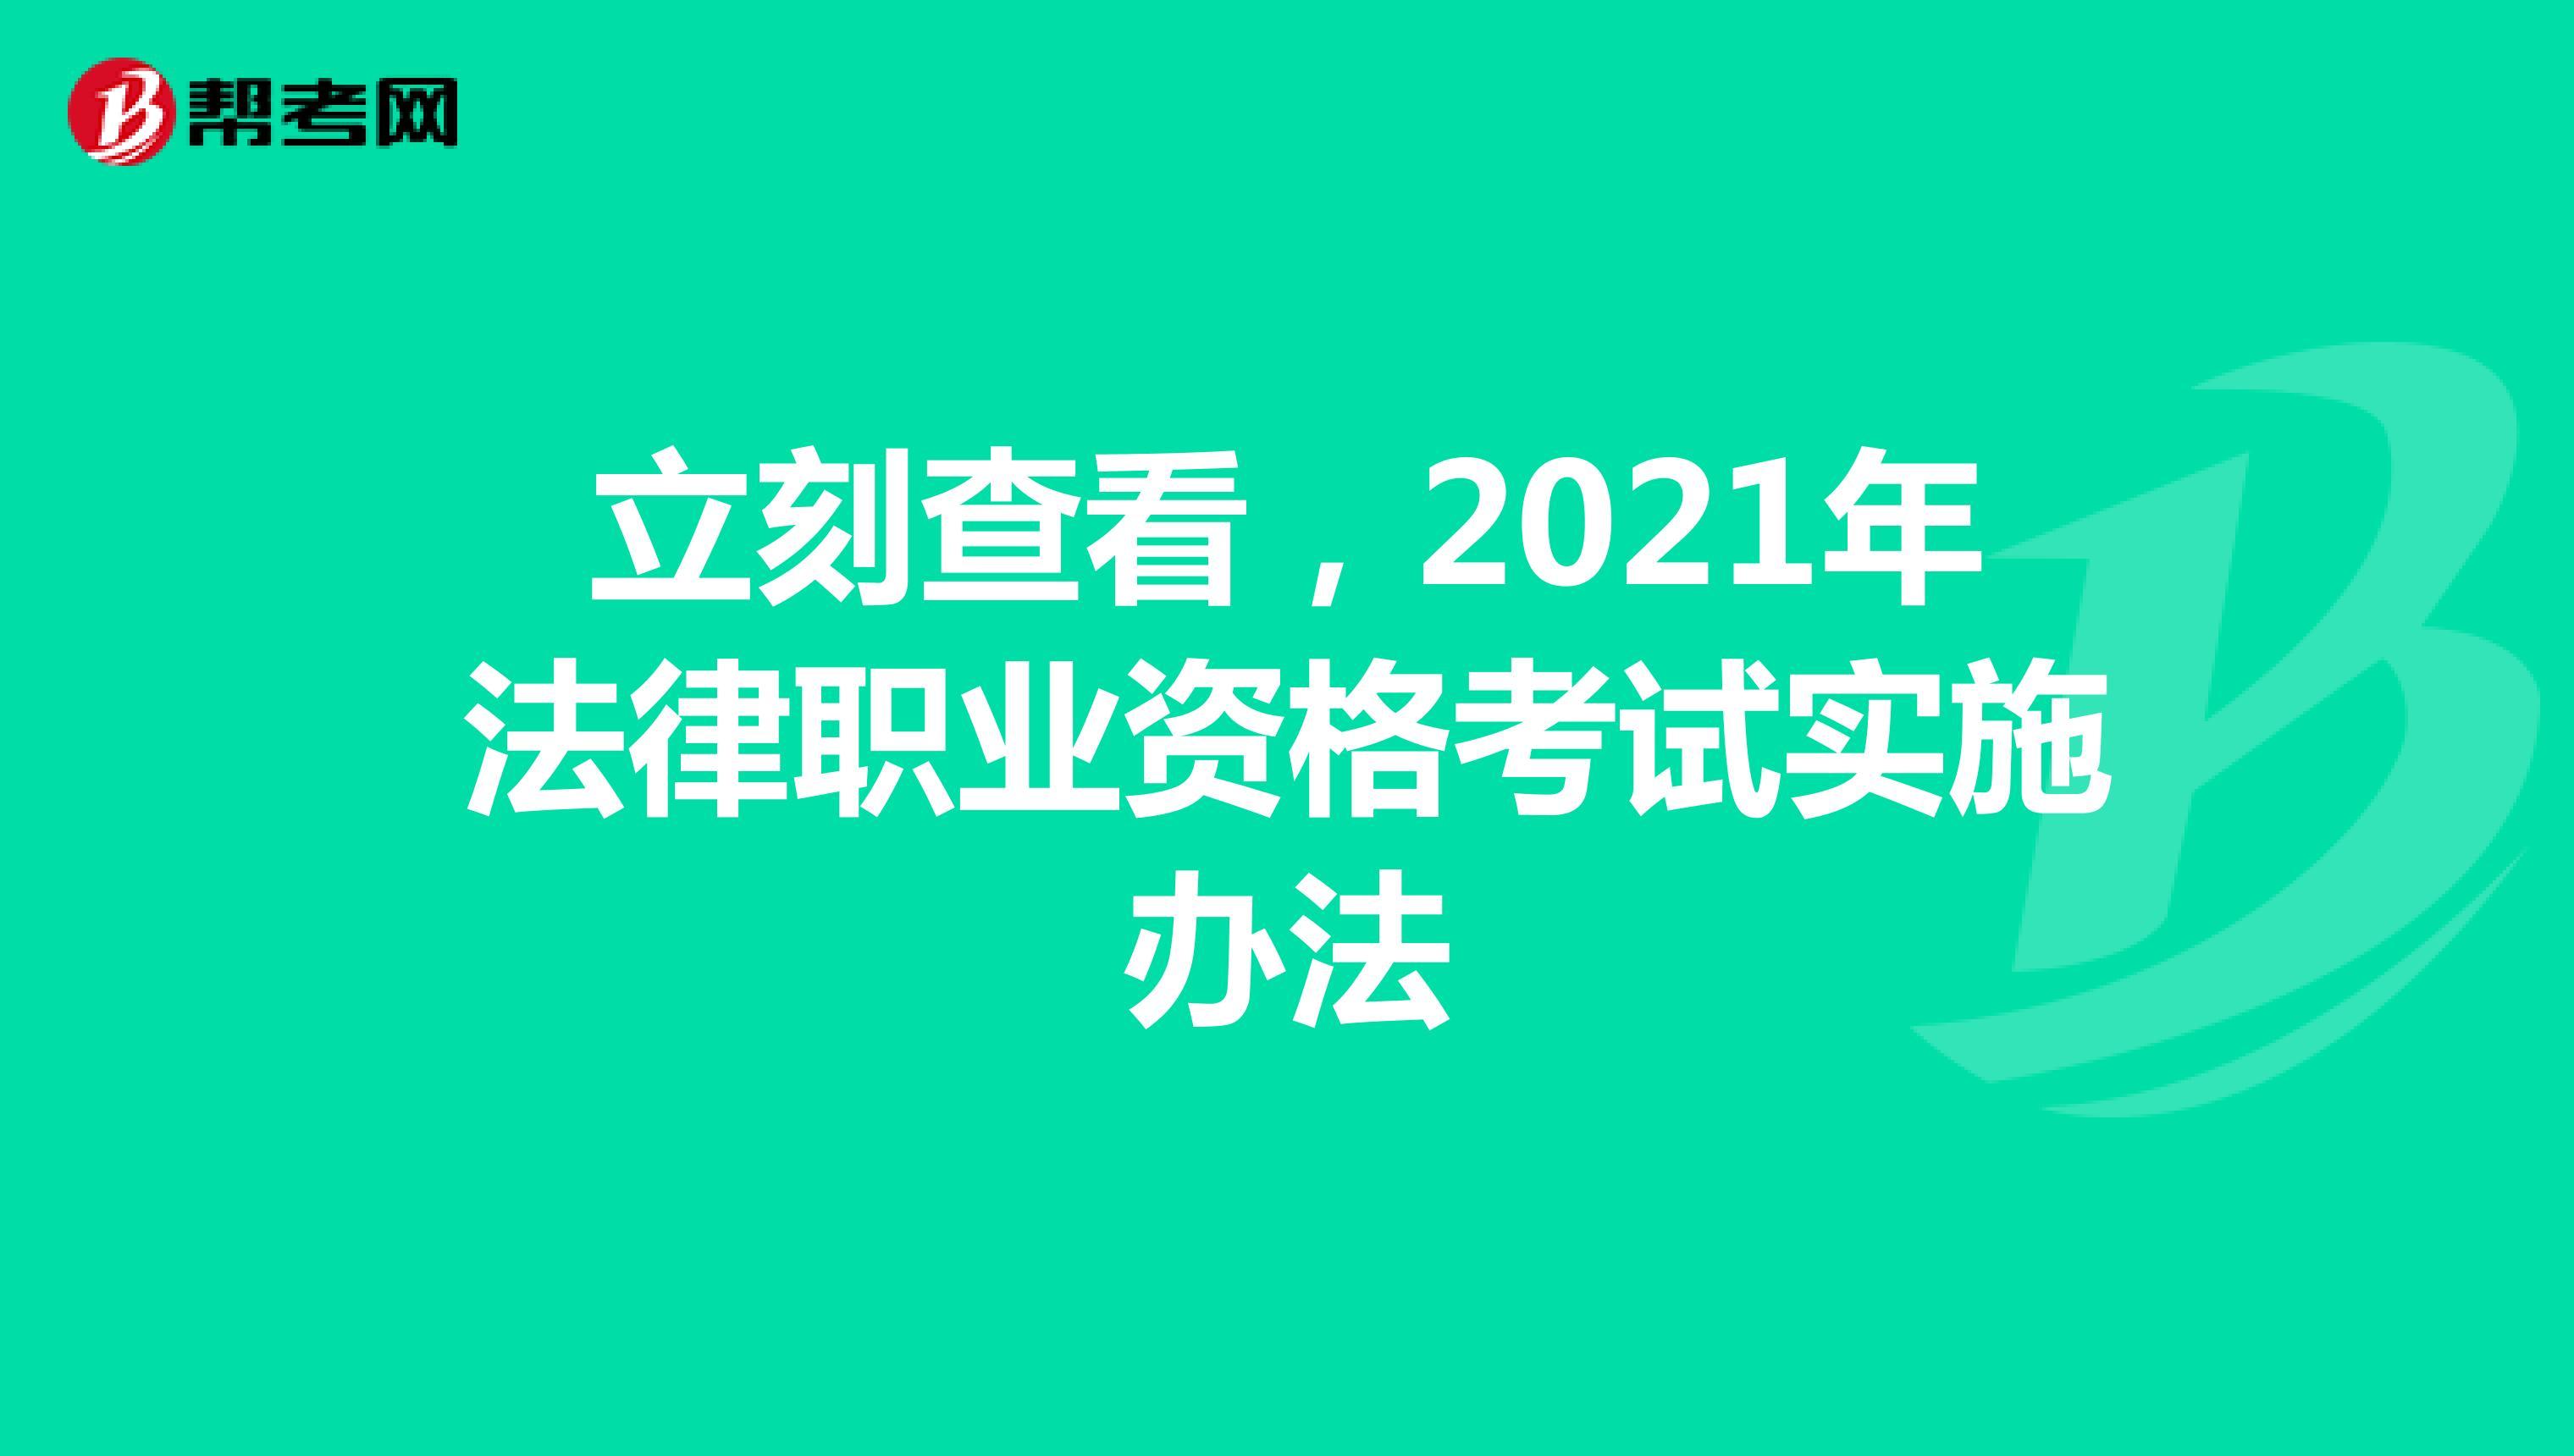 立刻查看,2021年法律職業資格考試實施辦法